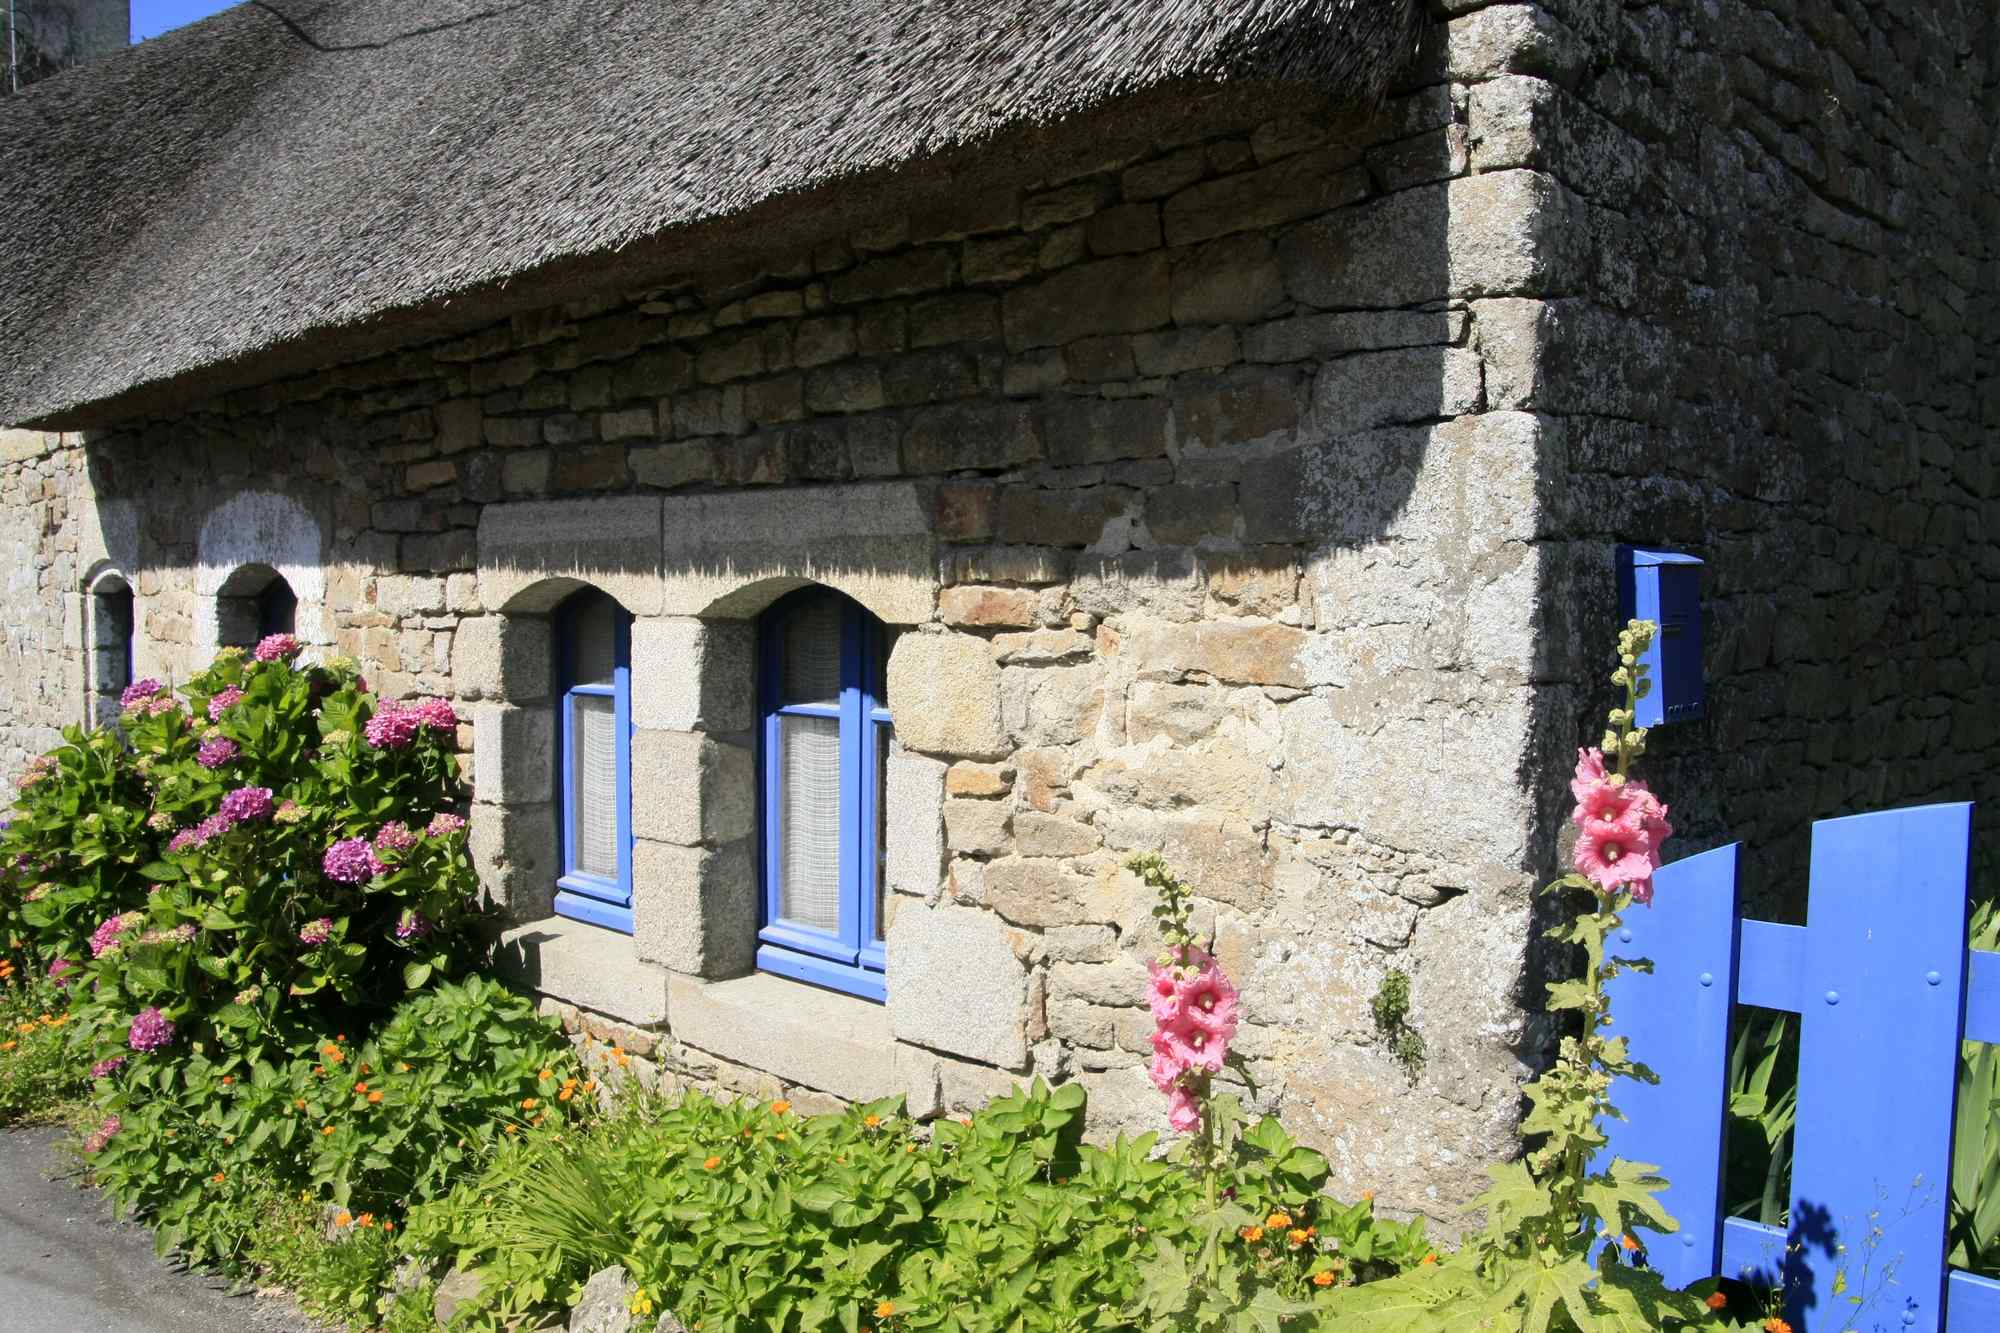 Les maisons typiques de l'Ile aux moines